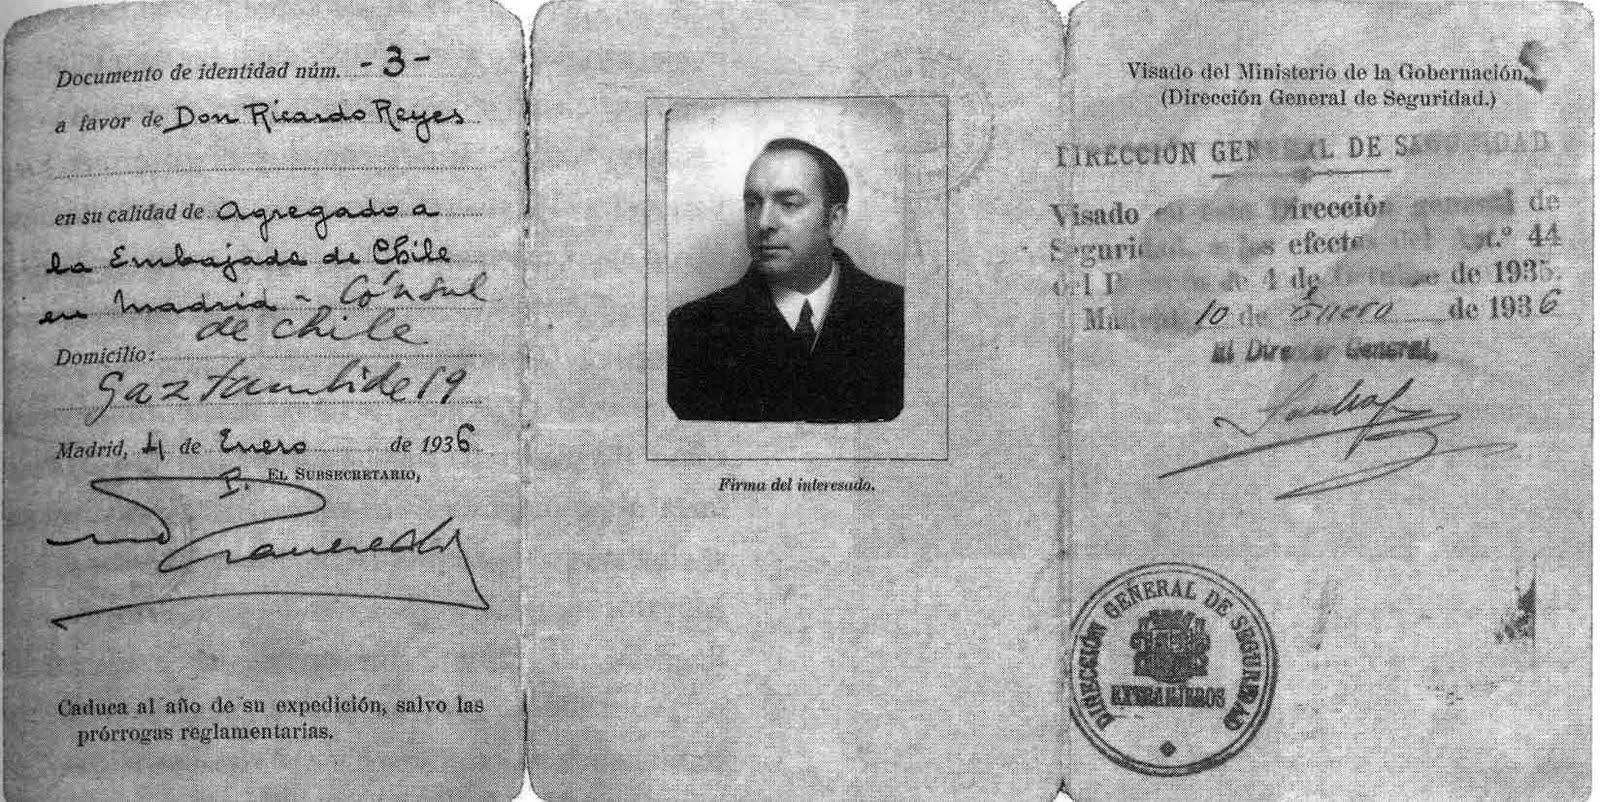 Visado de Pablo Neruda